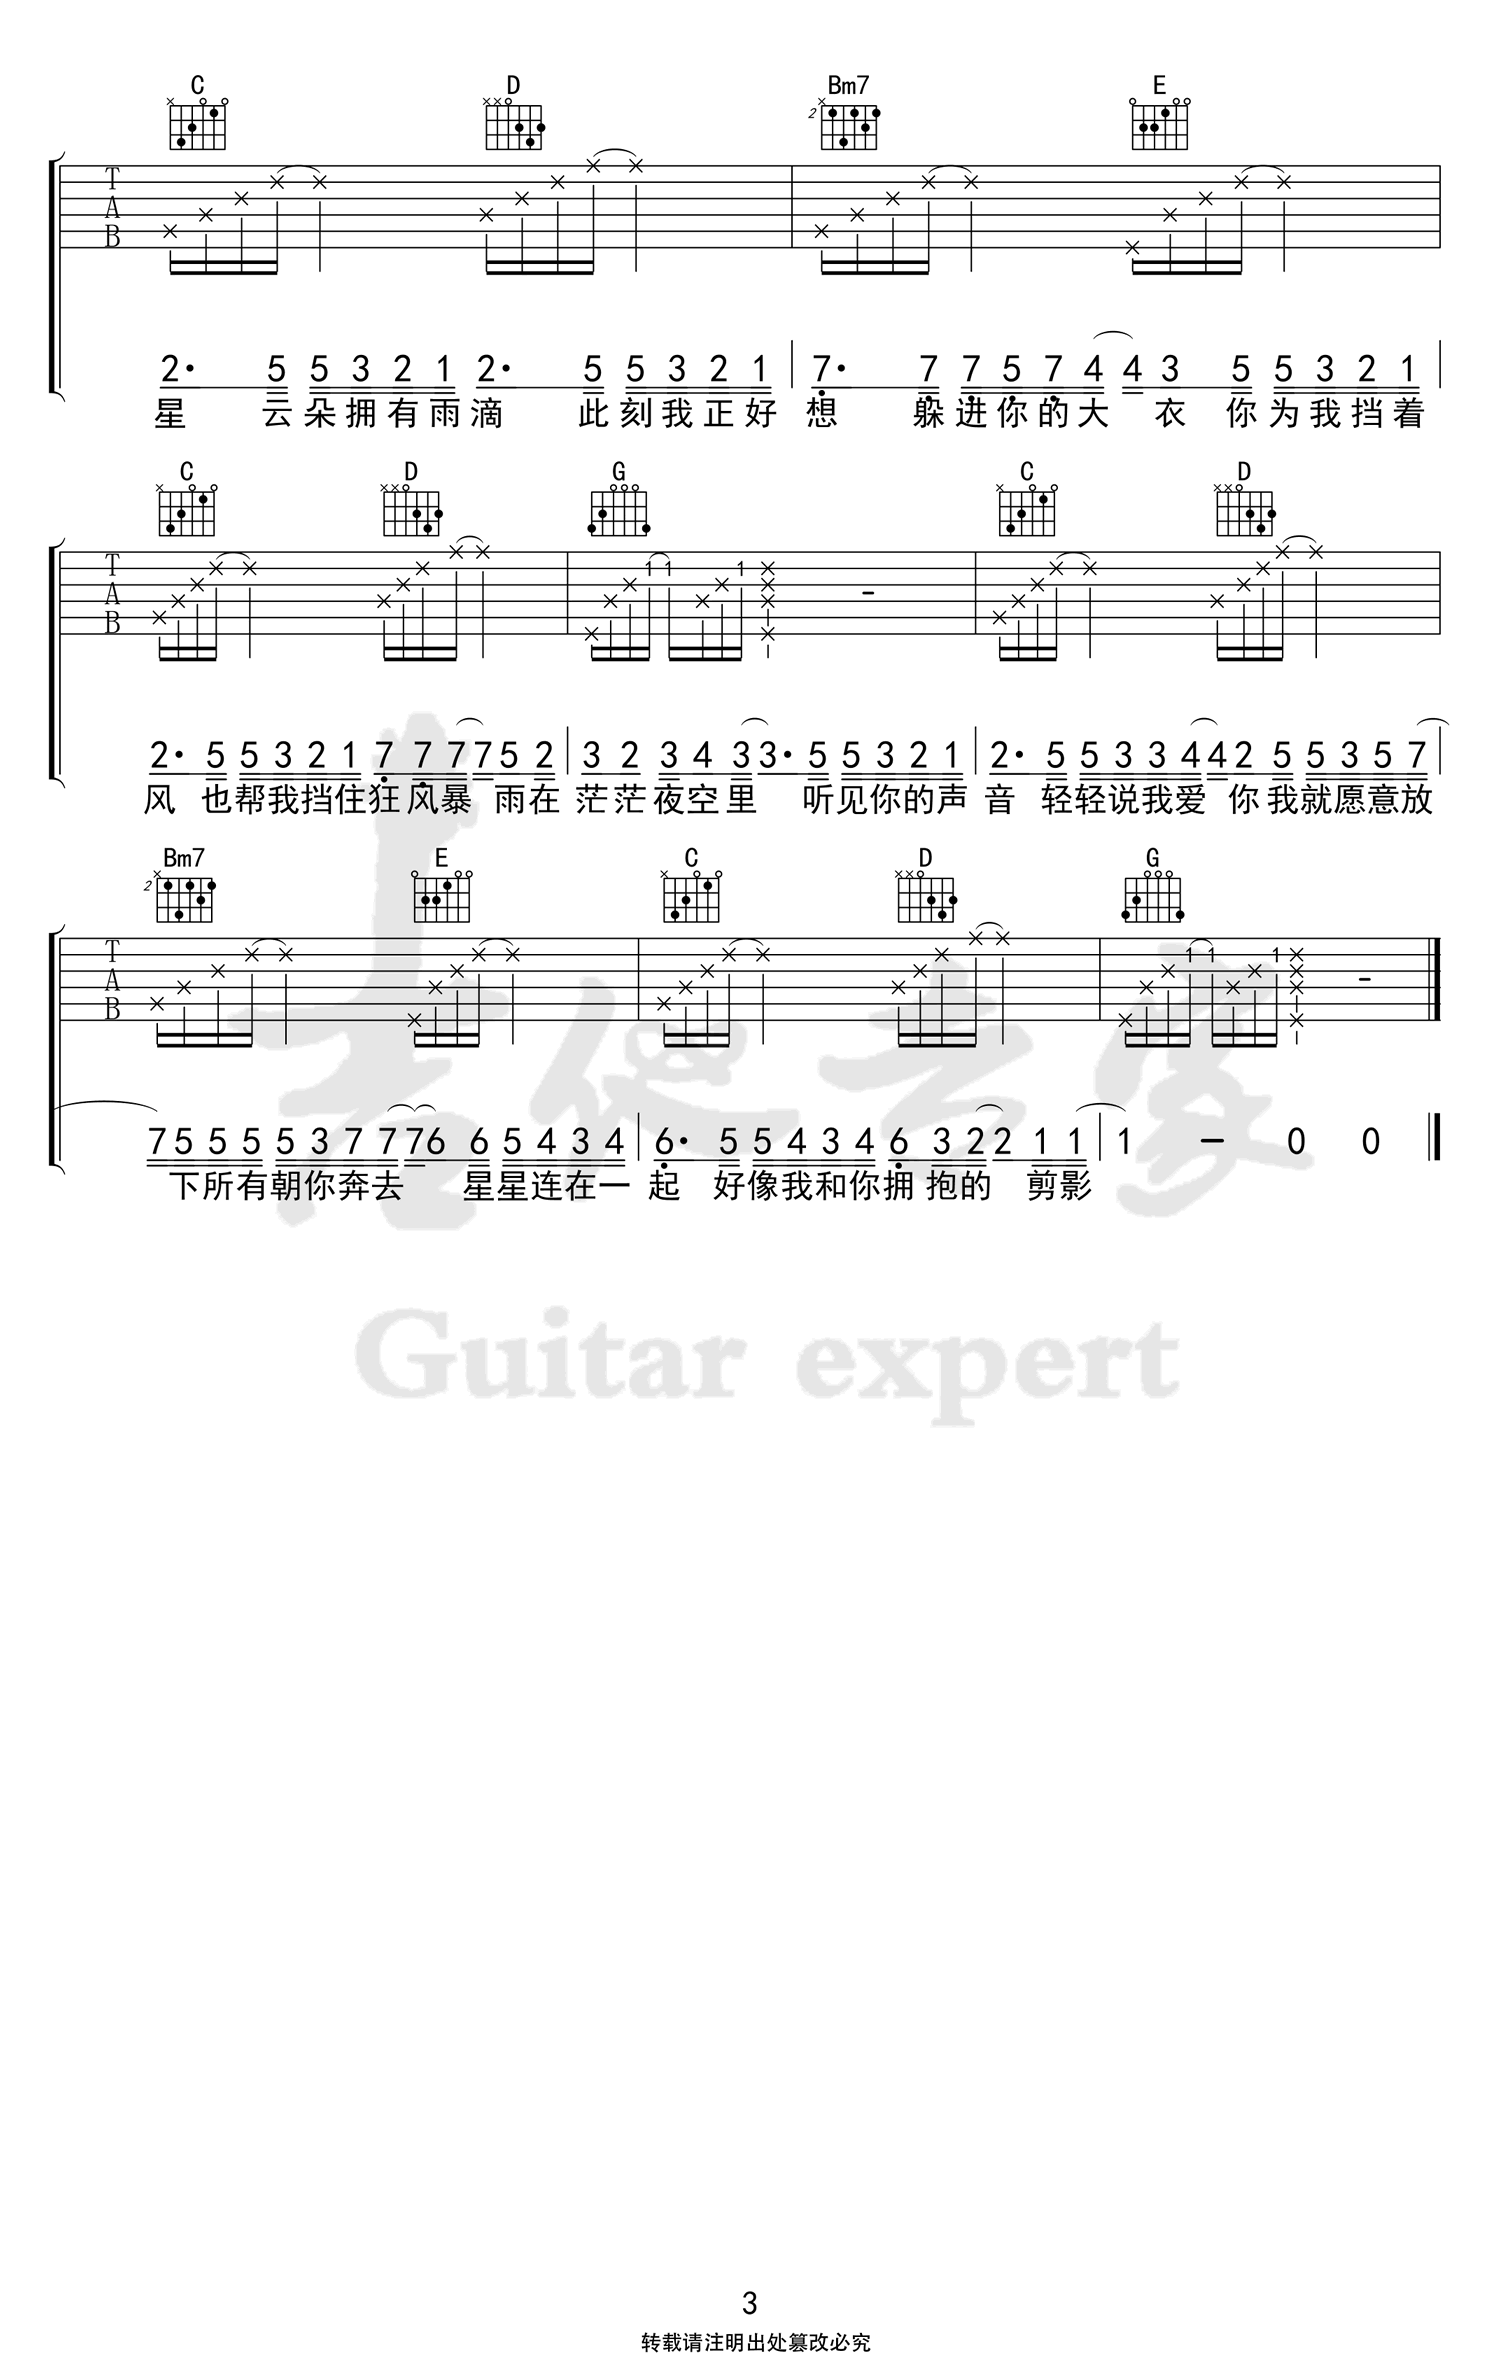 蓝心羽-星空剪影吉他谱3